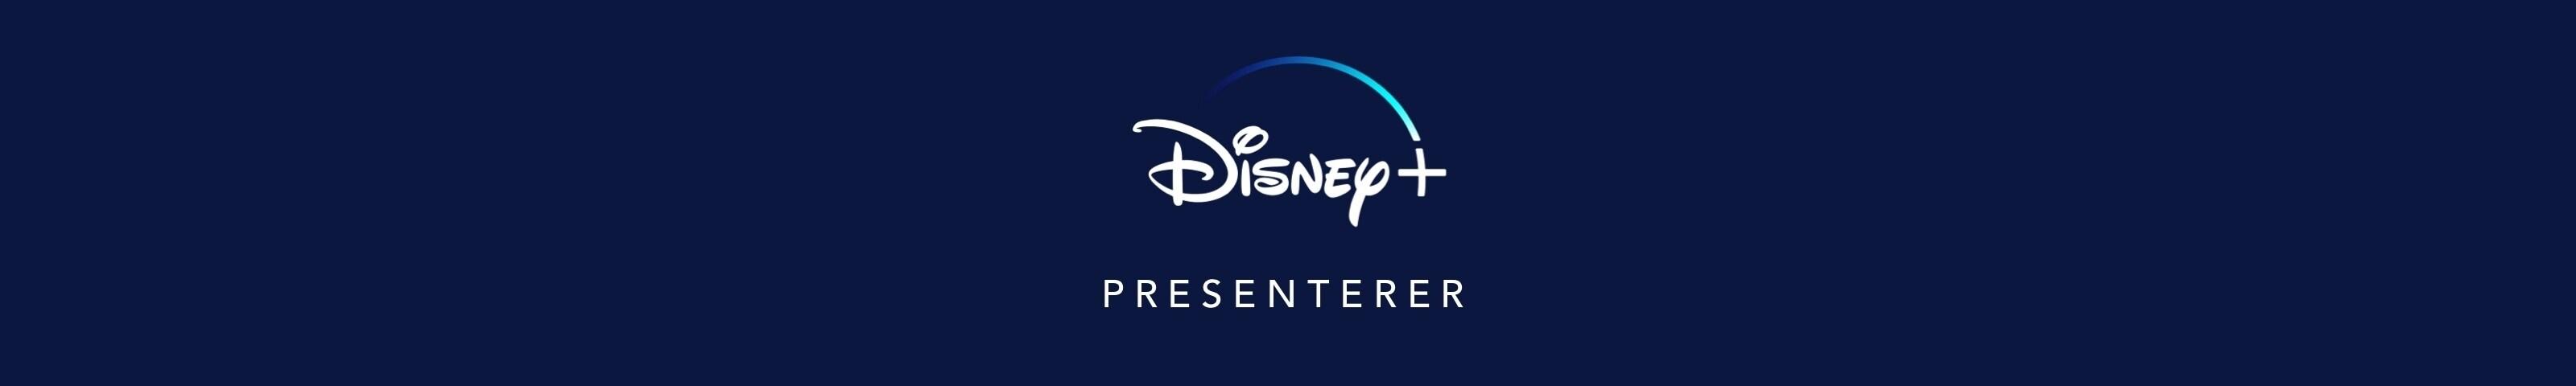 Disney+ presenterer